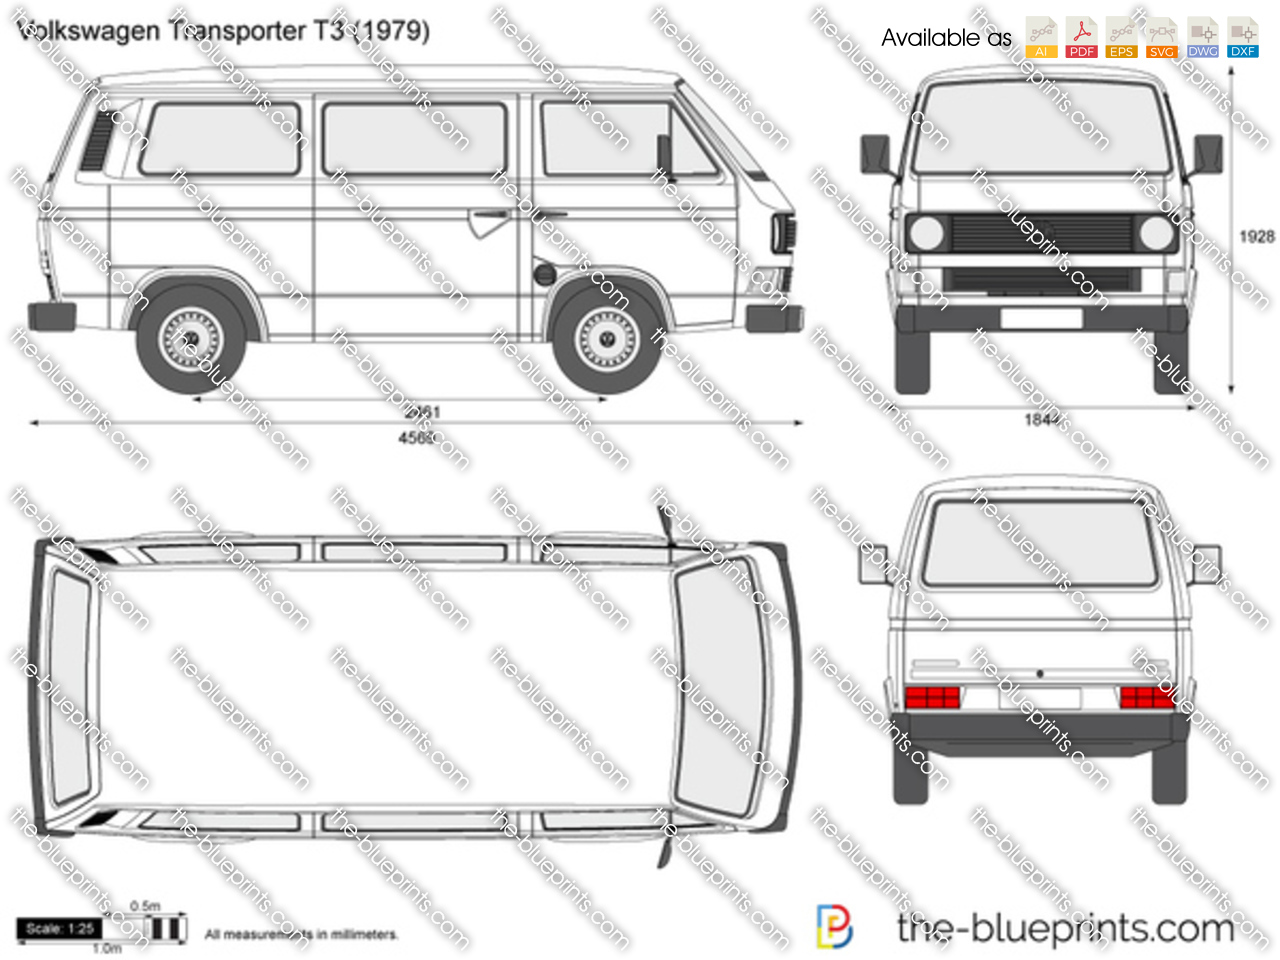 Volkswagen Transporter T3 1986